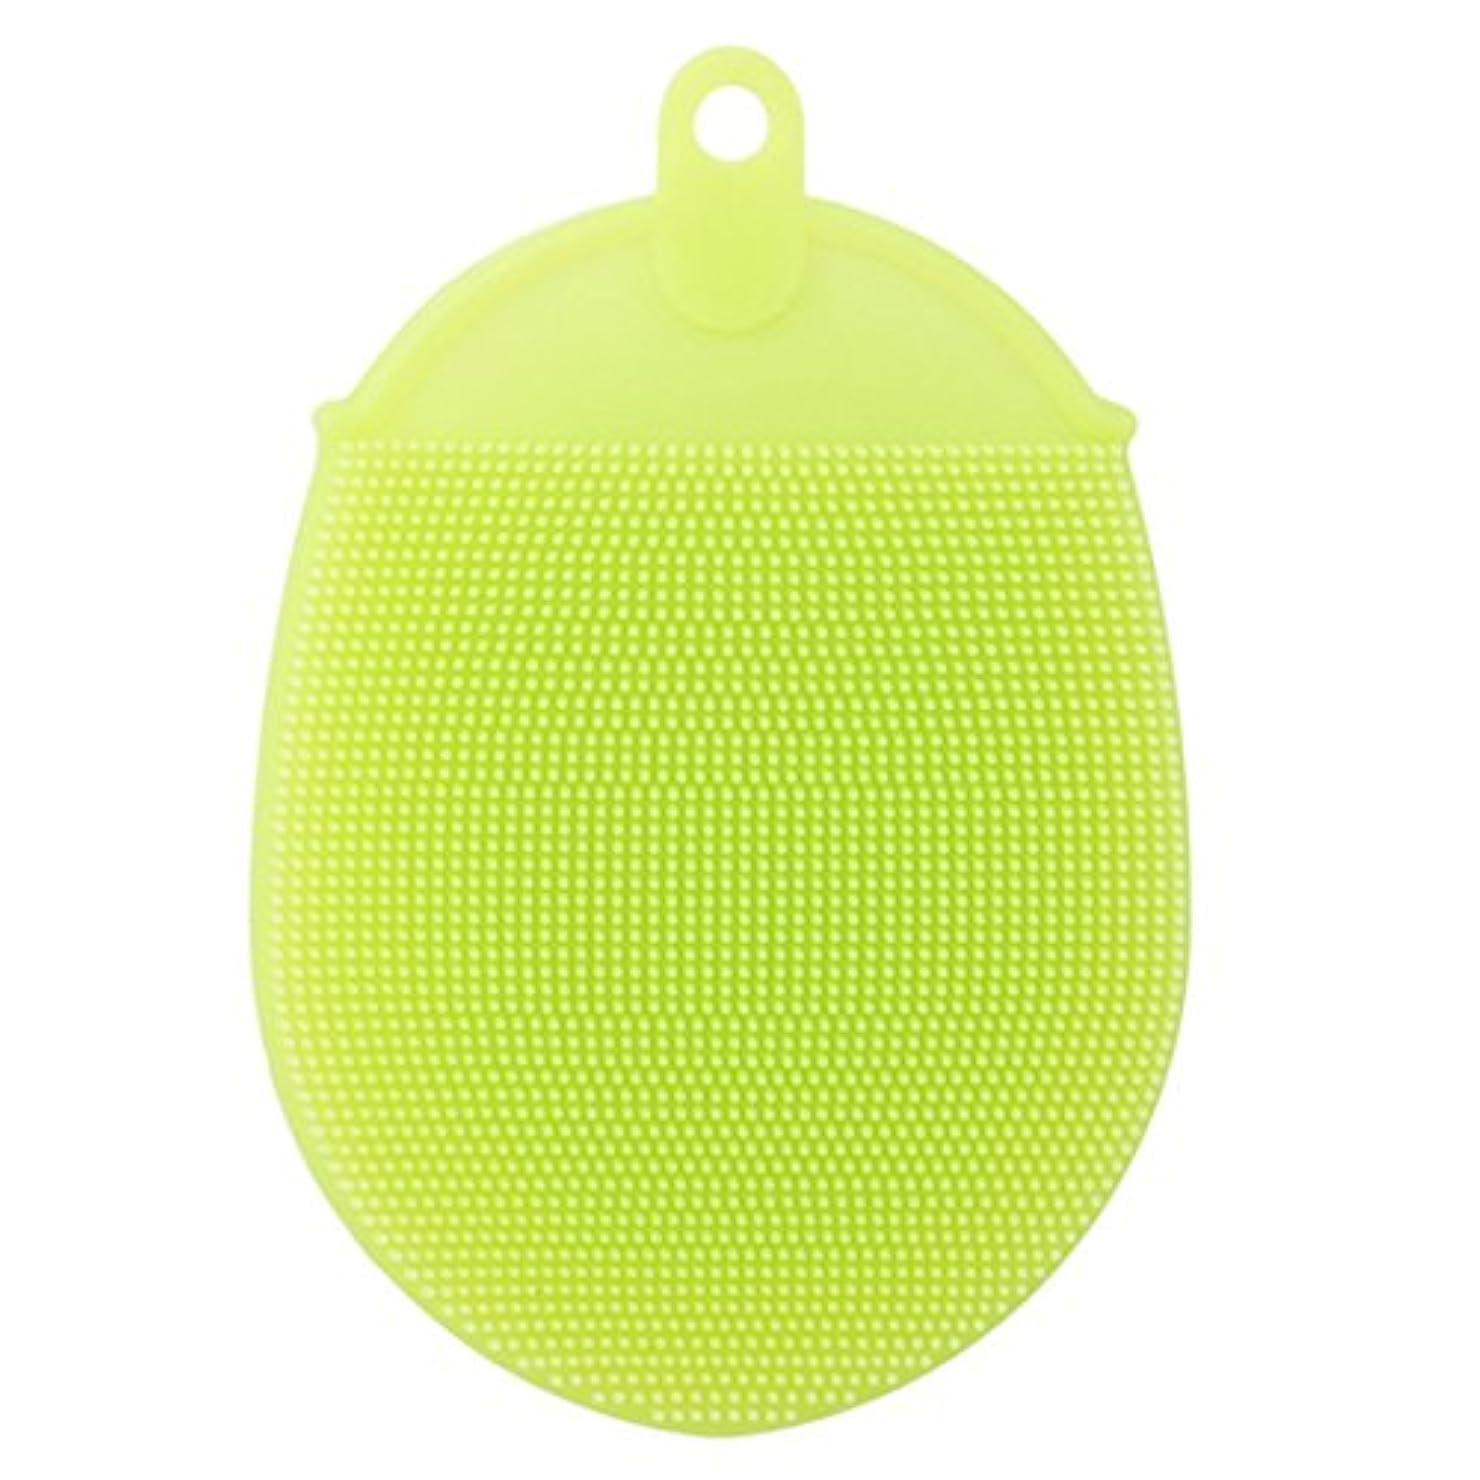 免除する有益なブロックKLUMA ボディタオル シリコーン 垢すり手袋 バスブラシ マッサージ 毛穴の清潔 角質除去 フェイス ボディ 足